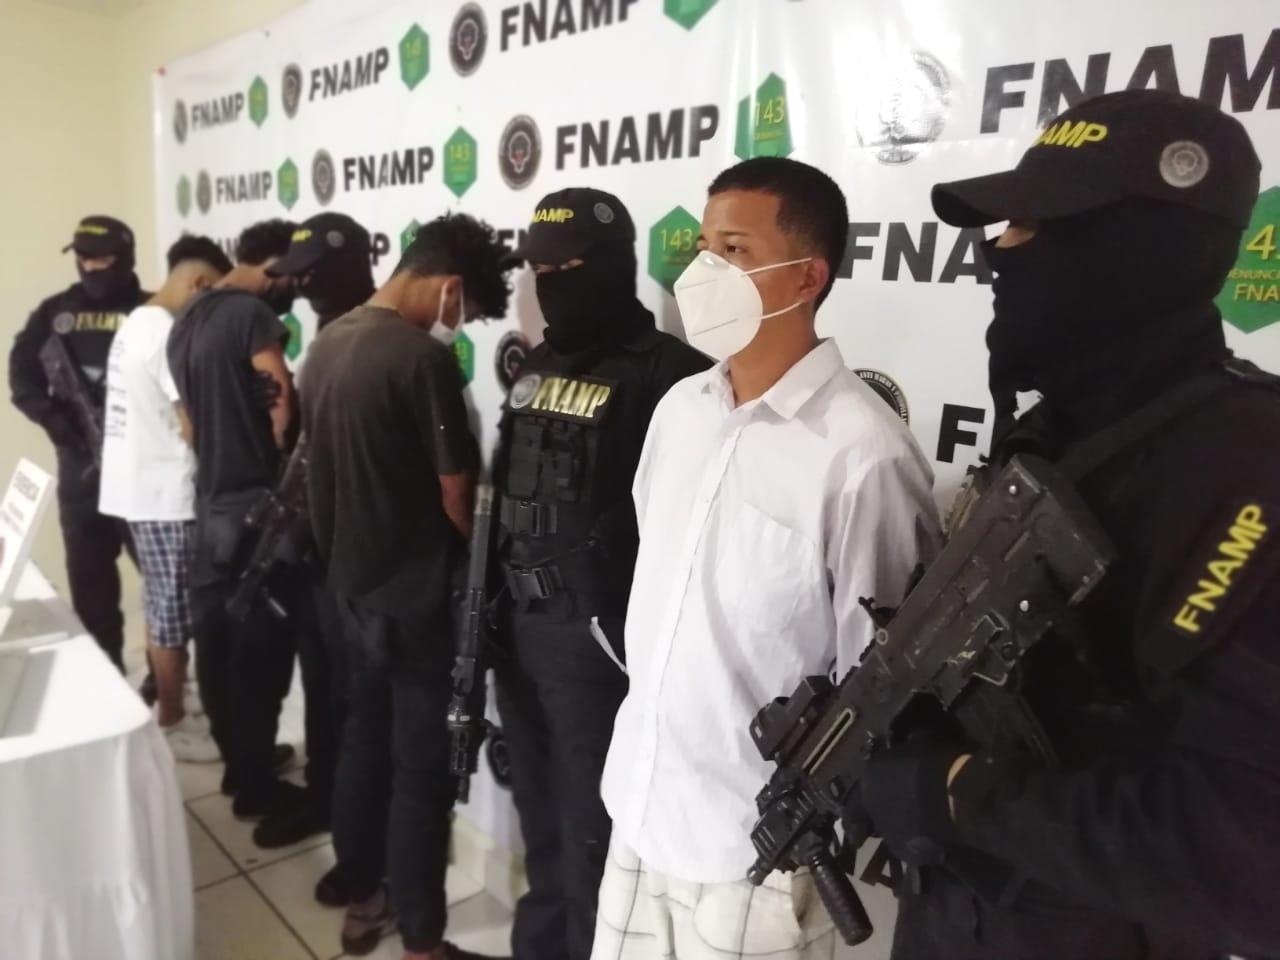 Mientras andaban cobrando extorsión la FNAMP captura a cuatro miembros de diferentes organizaciones criminales en dos operaciones simultáneas desarrolladas en la capital